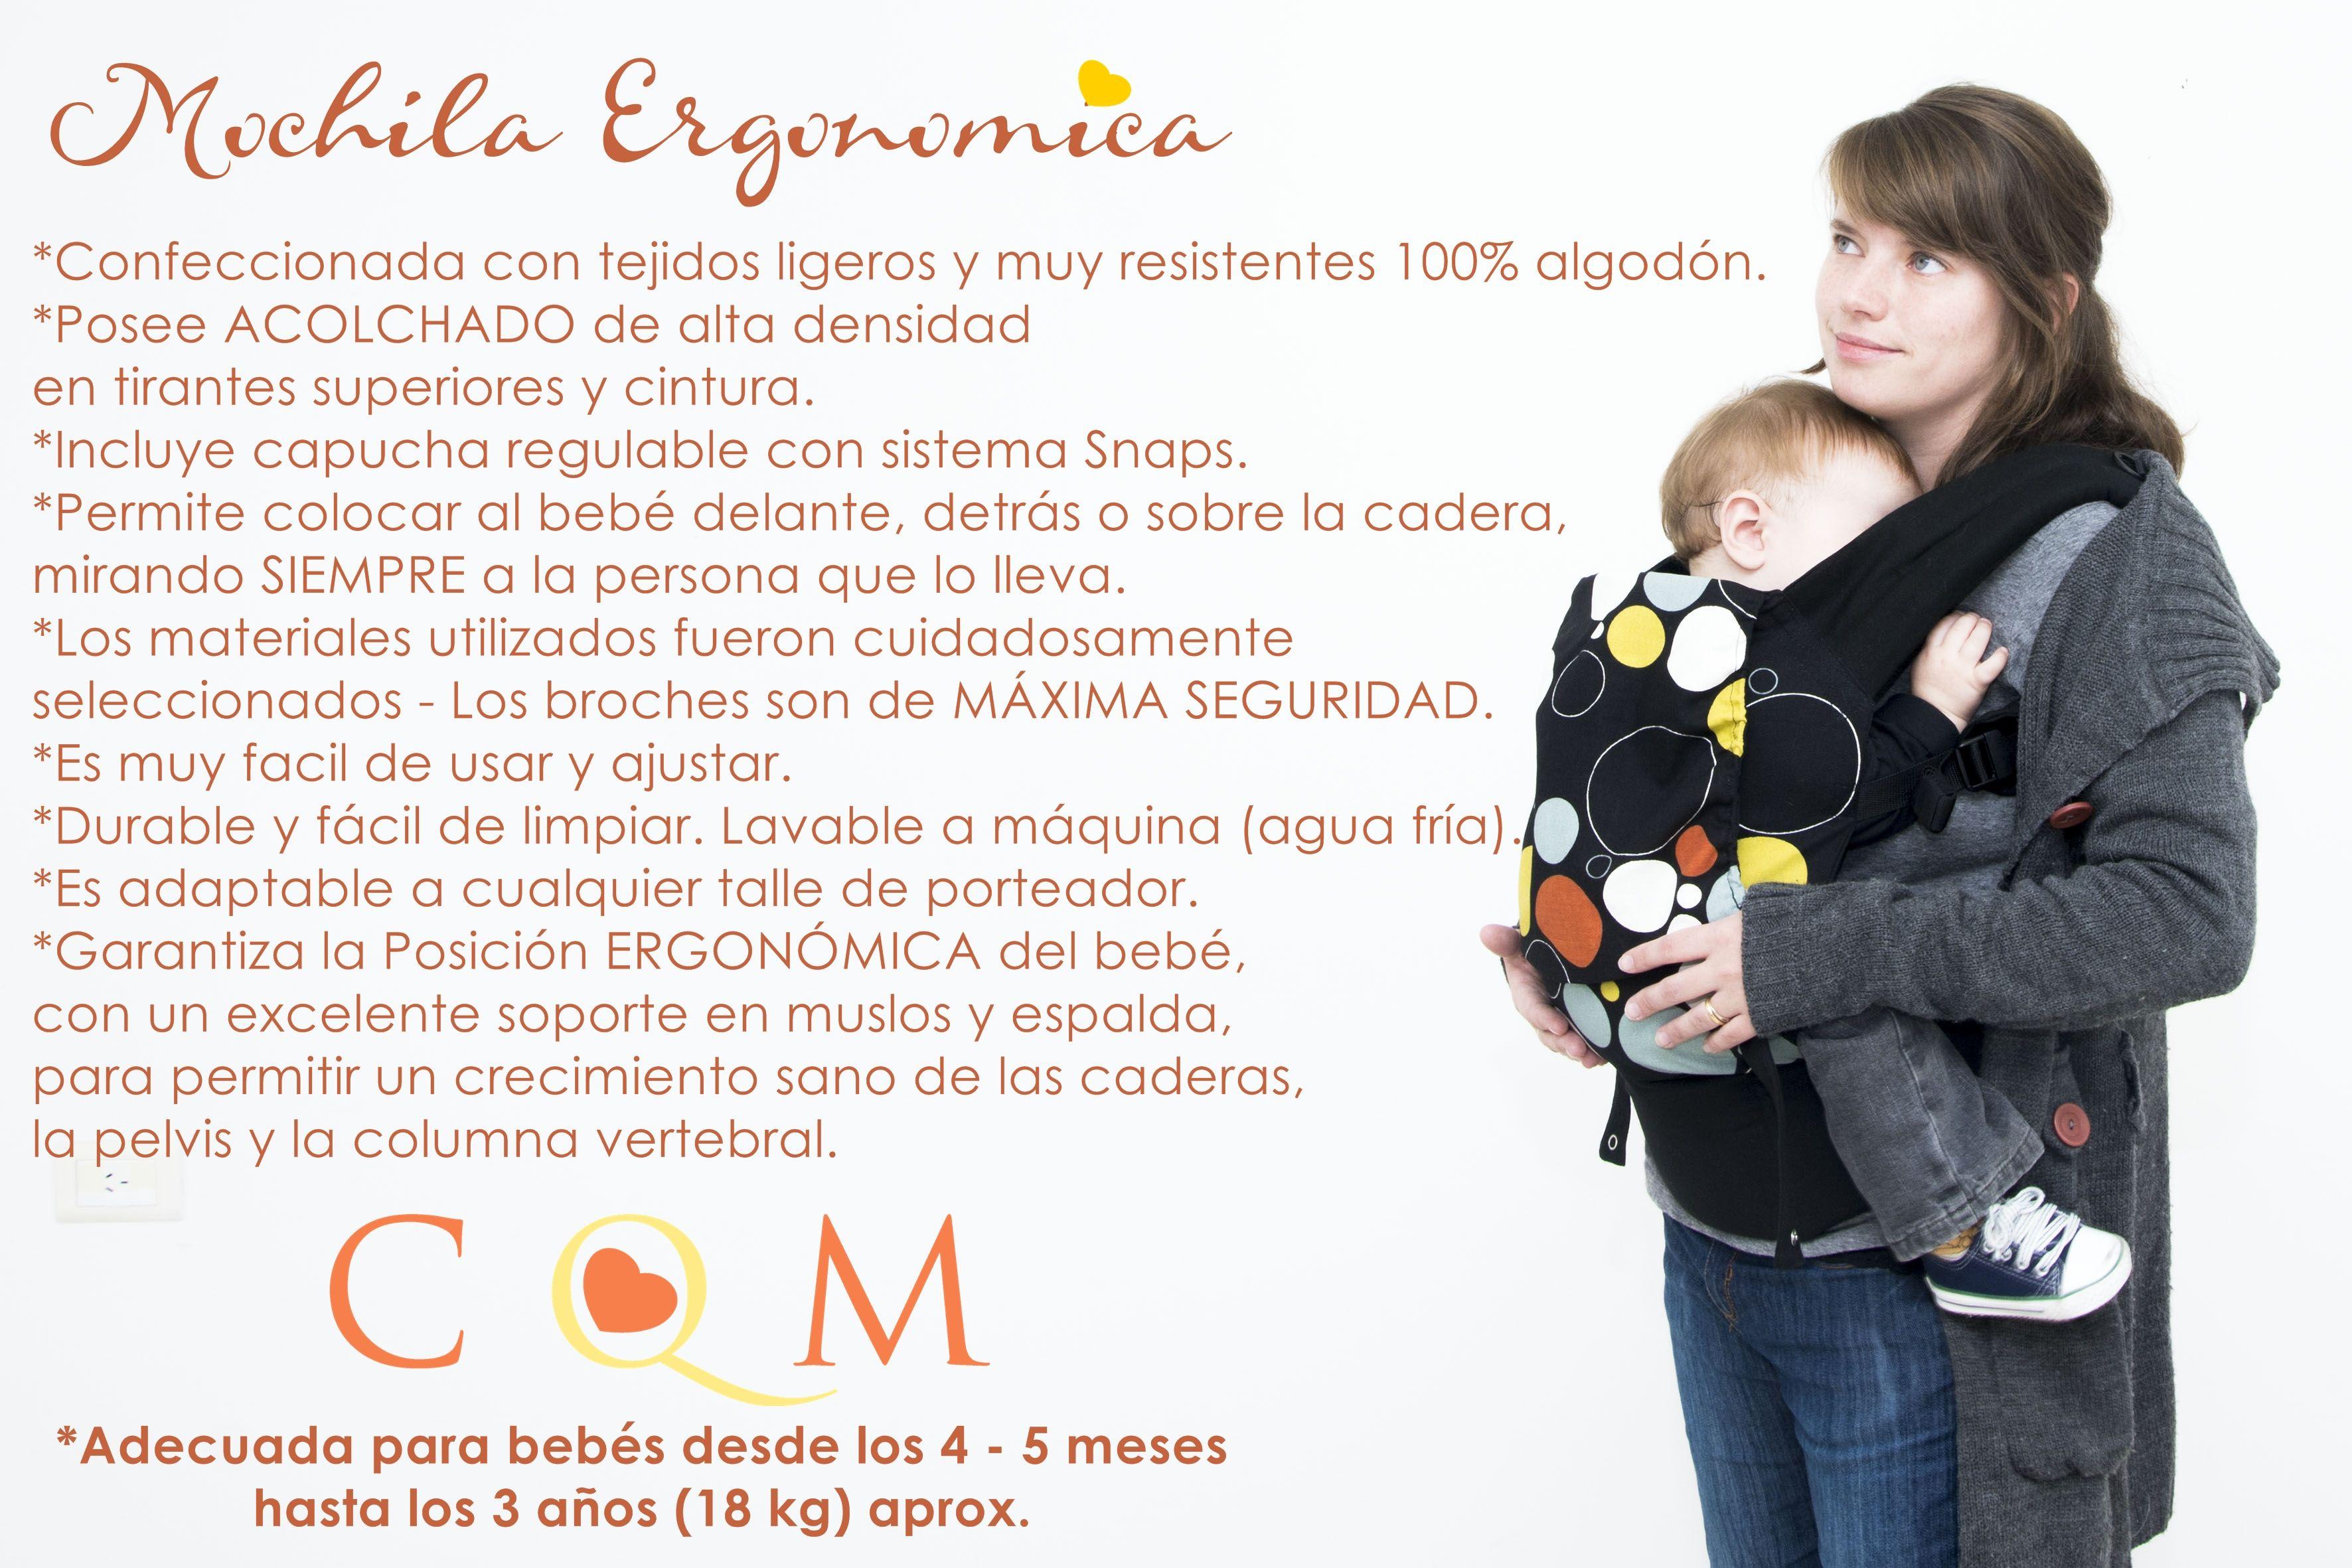 Conseguila en nuestra tienda Online: http://www.cerquitamiotienda.com.ar/ O en Nuestra Boutique: O Higgins 2125, local 4, Belgrano . www.cerquitamio.com